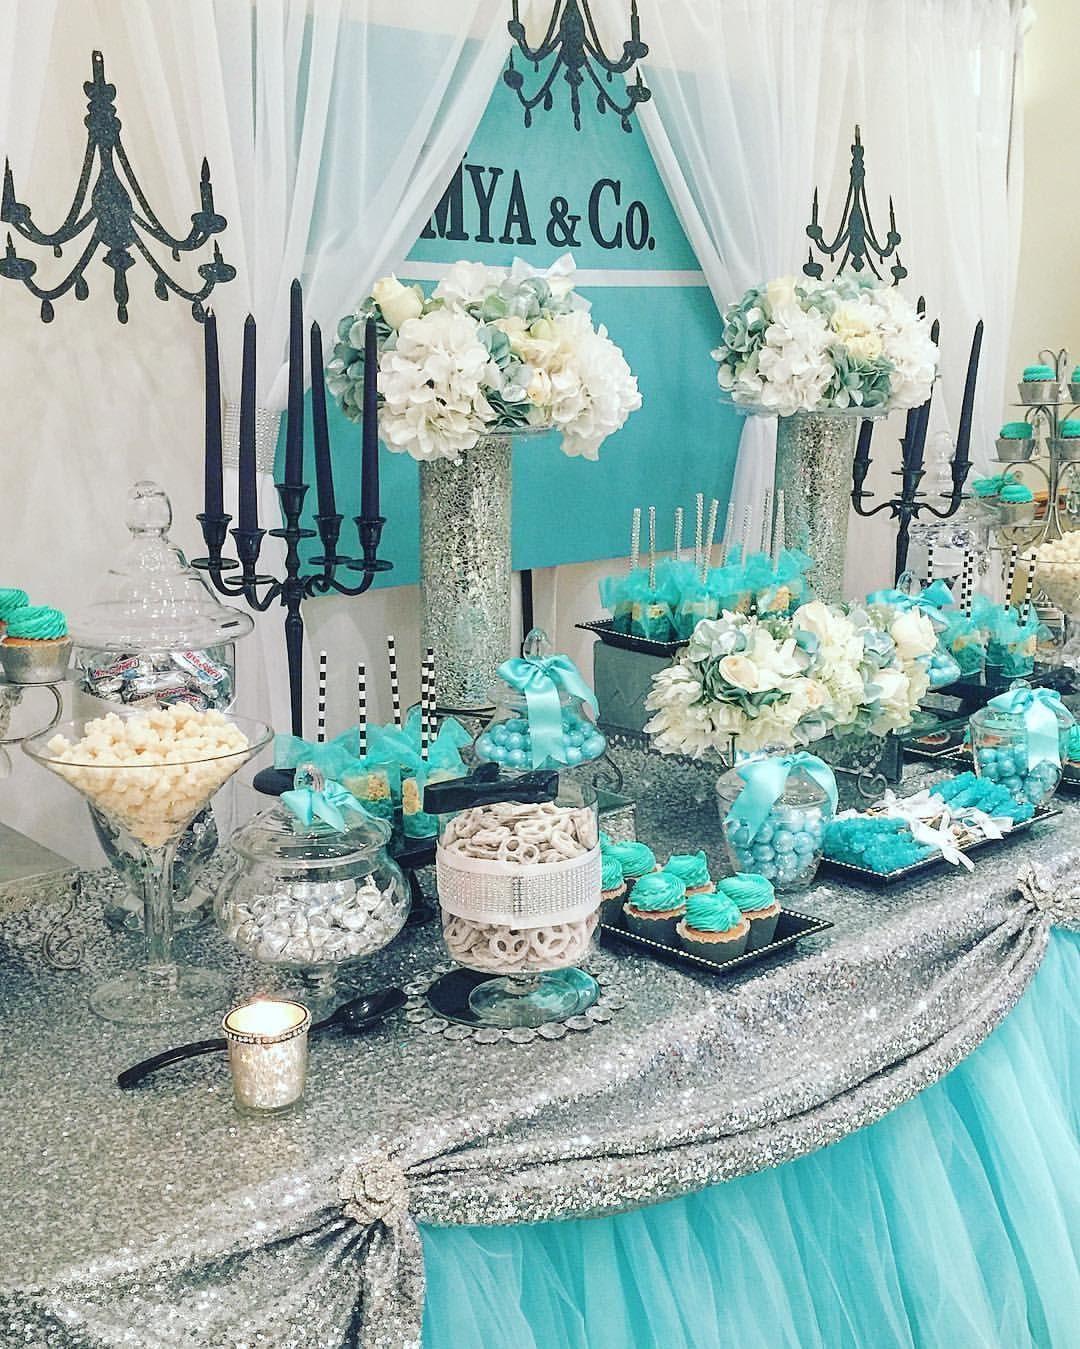 Tiffany Blue And Black Wedding Ideas: 25 Tiffany Blue Wedding Decoration Theme